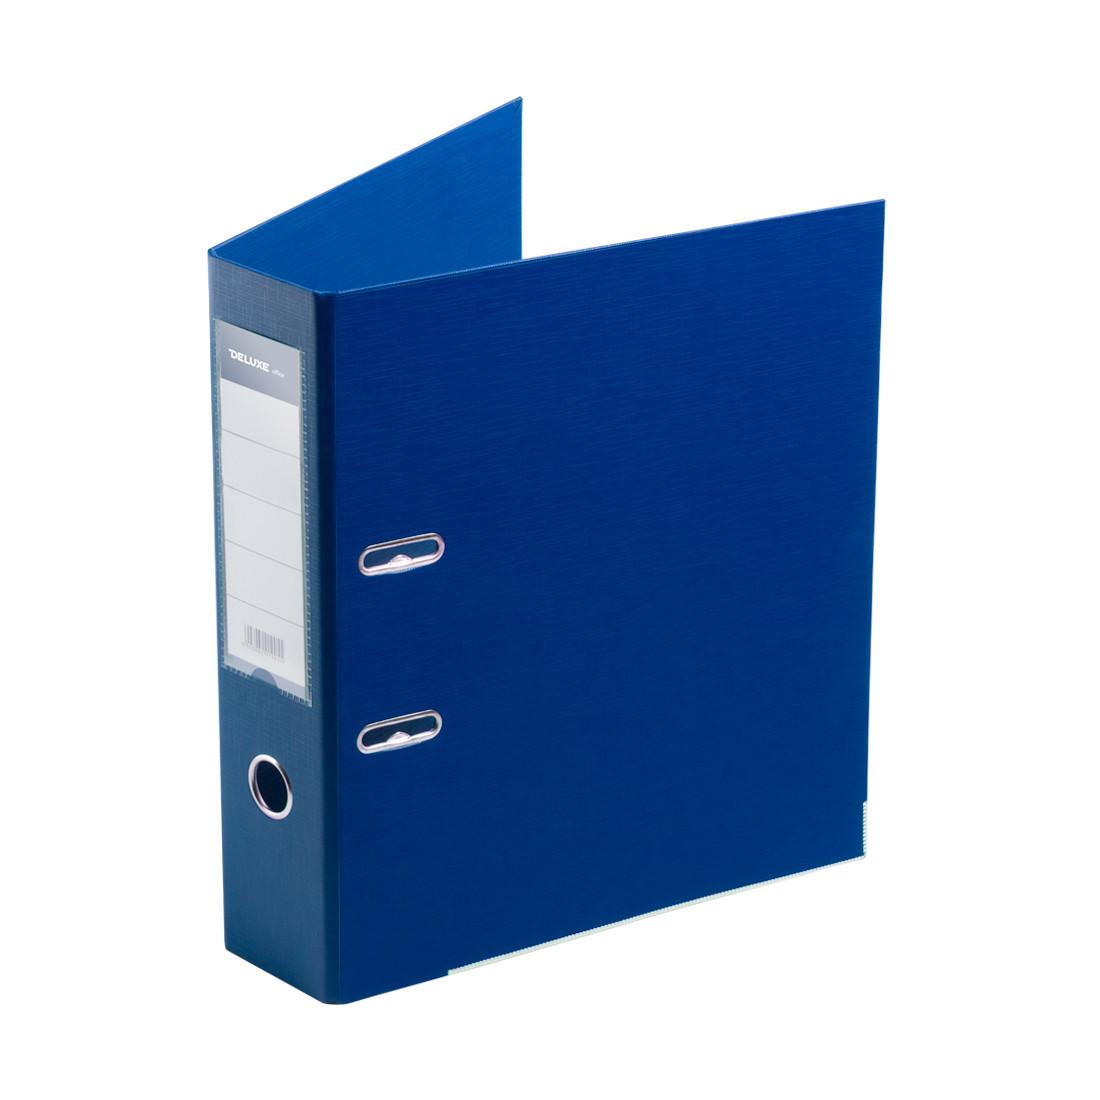 Папка-регистратор, ширина корешка 5см. и 8см. Цвета ассорти (синий, черный, красный)